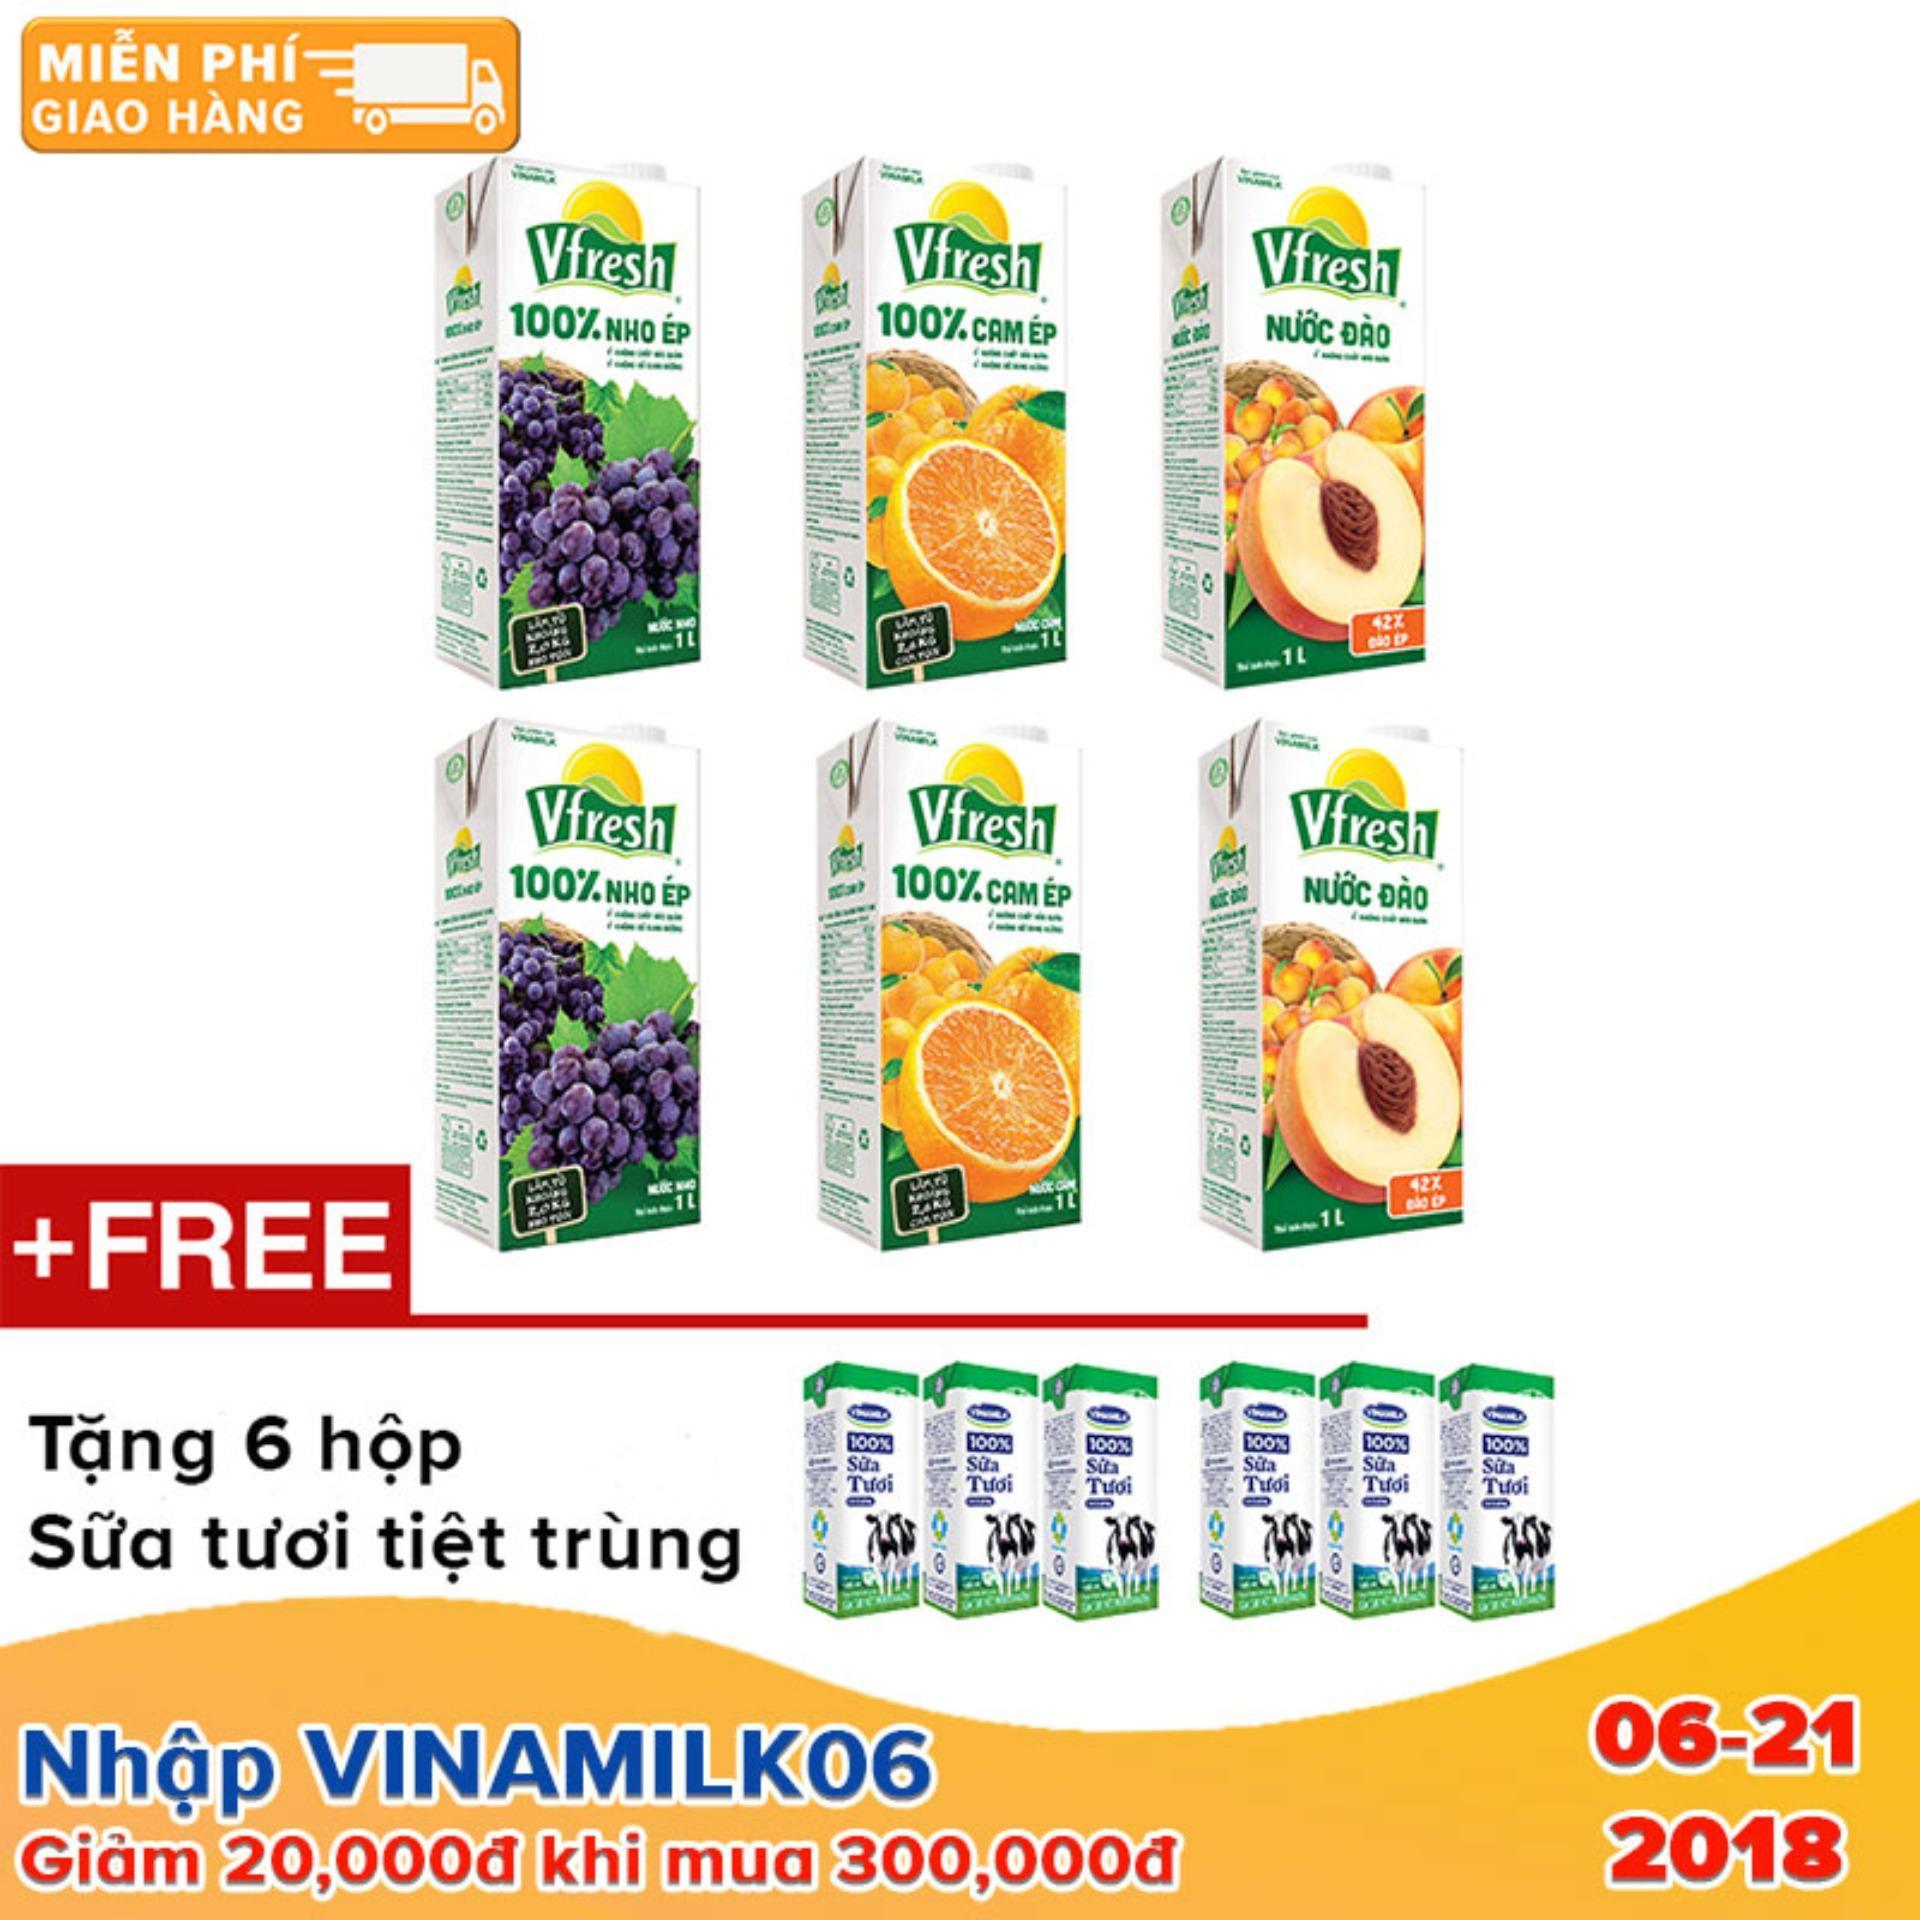 Bộ 6 hộp nước ép trái cây Vfresh đào + nho + cam 100% - Tặng 6 hộp sữa tươi Vinamilk 180ml